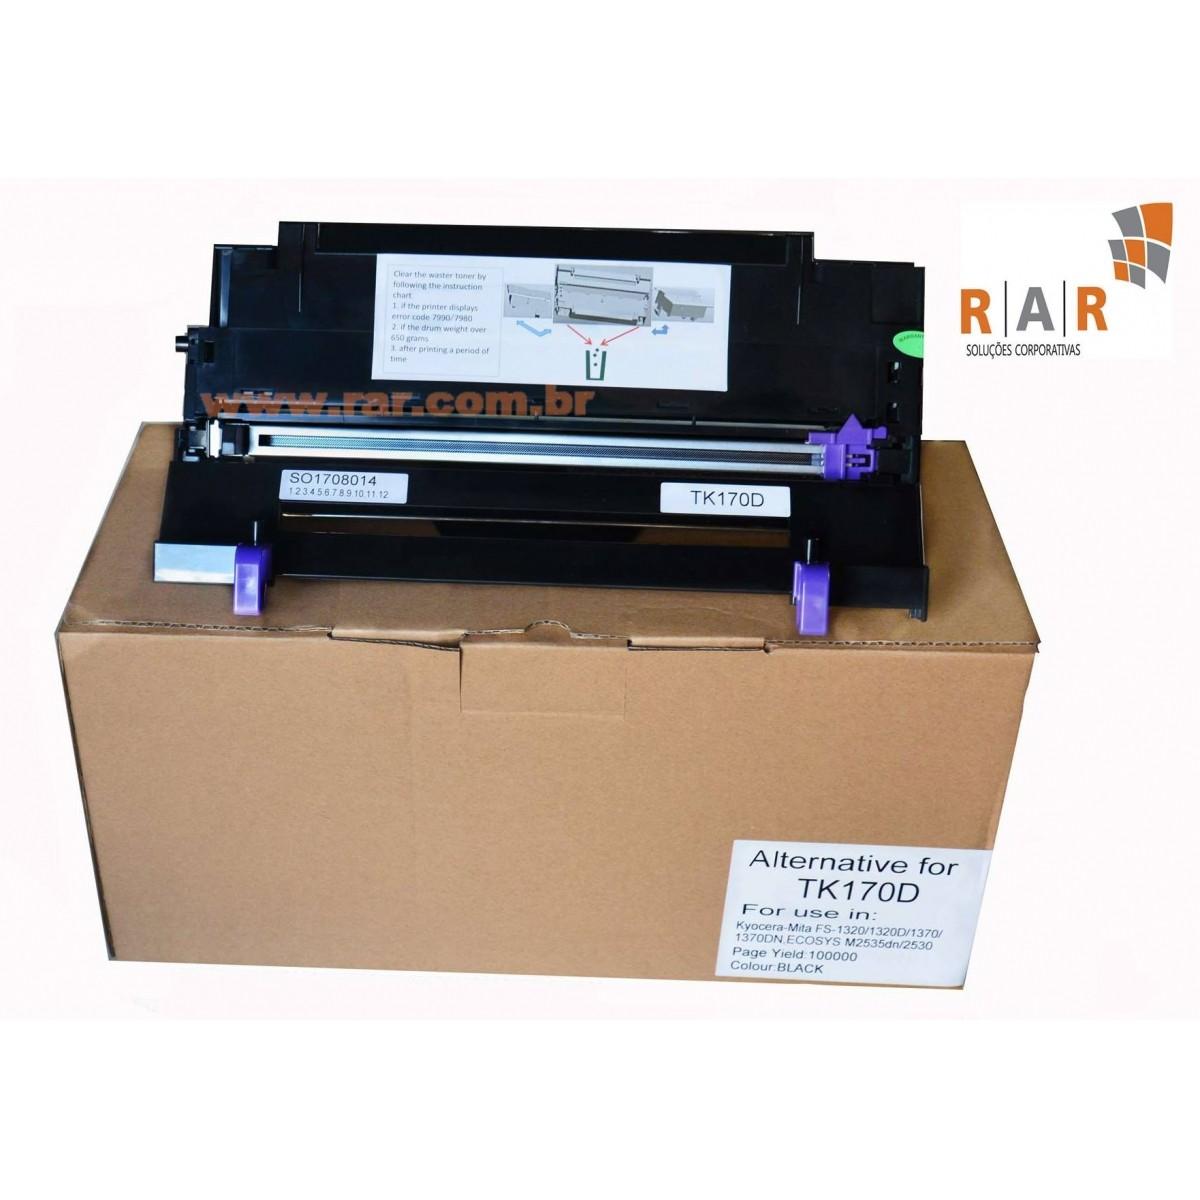 DK150 (302H493010) - UNIDADE DE IMAGEM COMPATÍVEL KYOCERA KM2810 / KM2820 / FS1035 /ECOSYS M2035/M2535 E SERIES